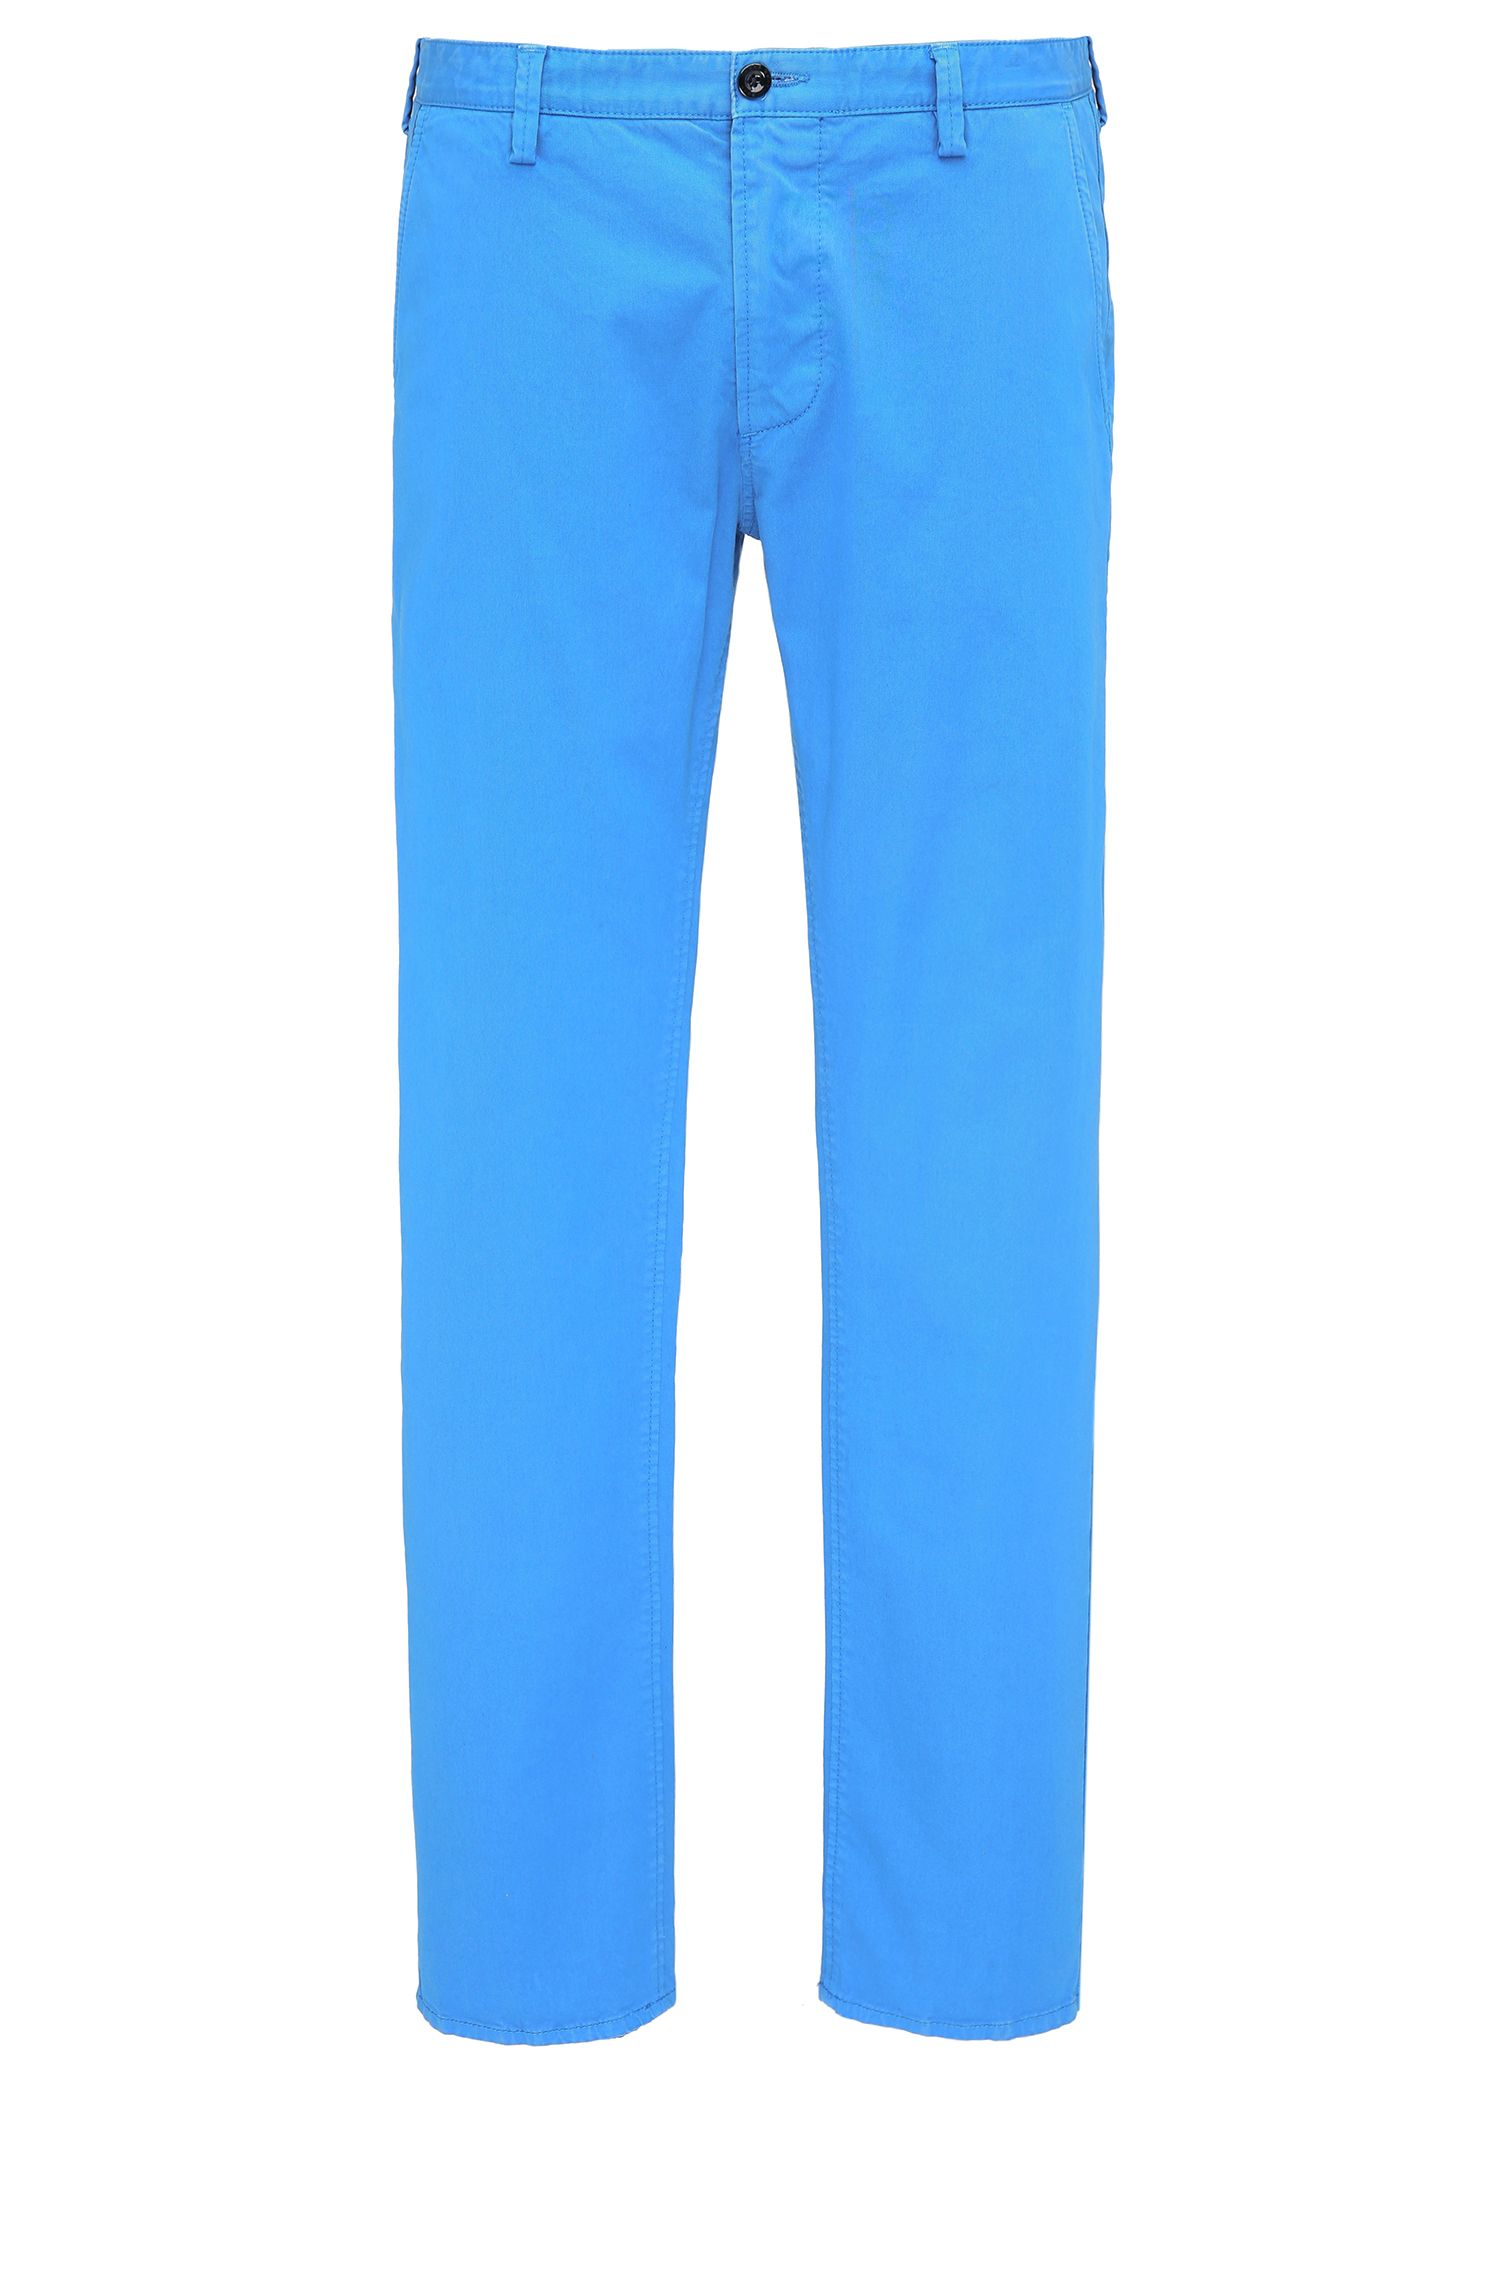 Pantalón slim fit en tejido de gabardina elástica